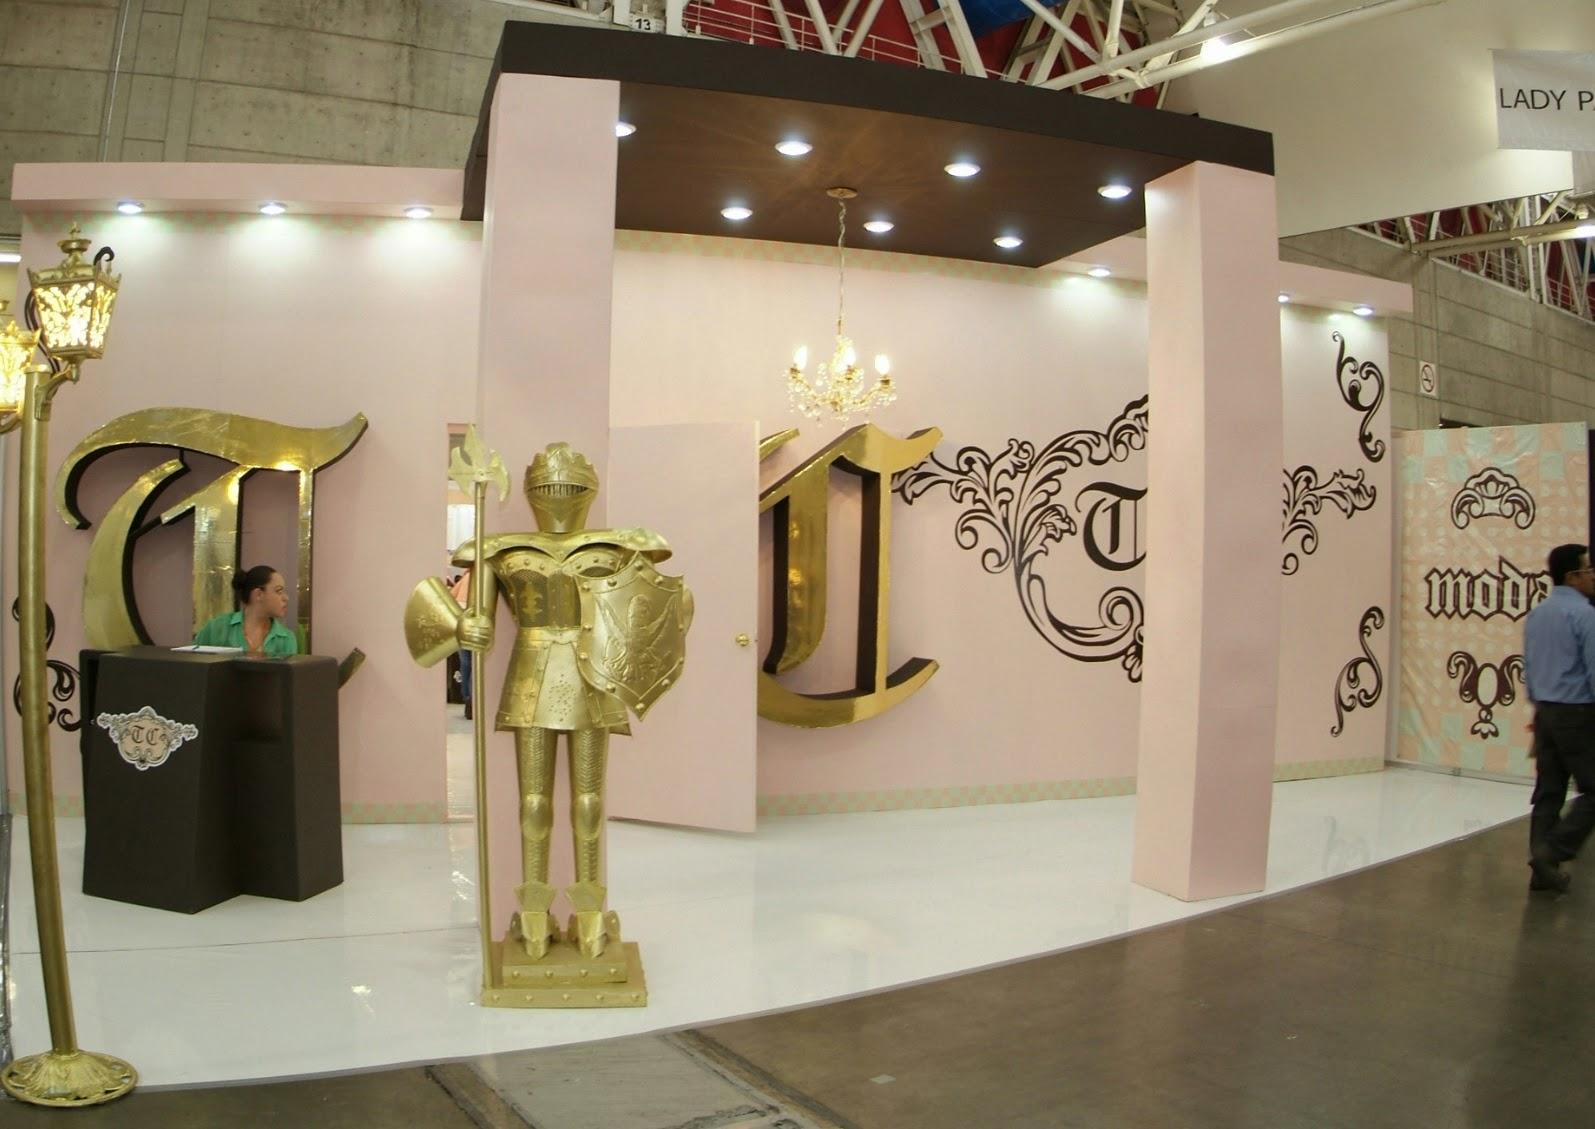 sapica agosto 2014, poliforum, exposición de calzado y artículos de piel, ten colours